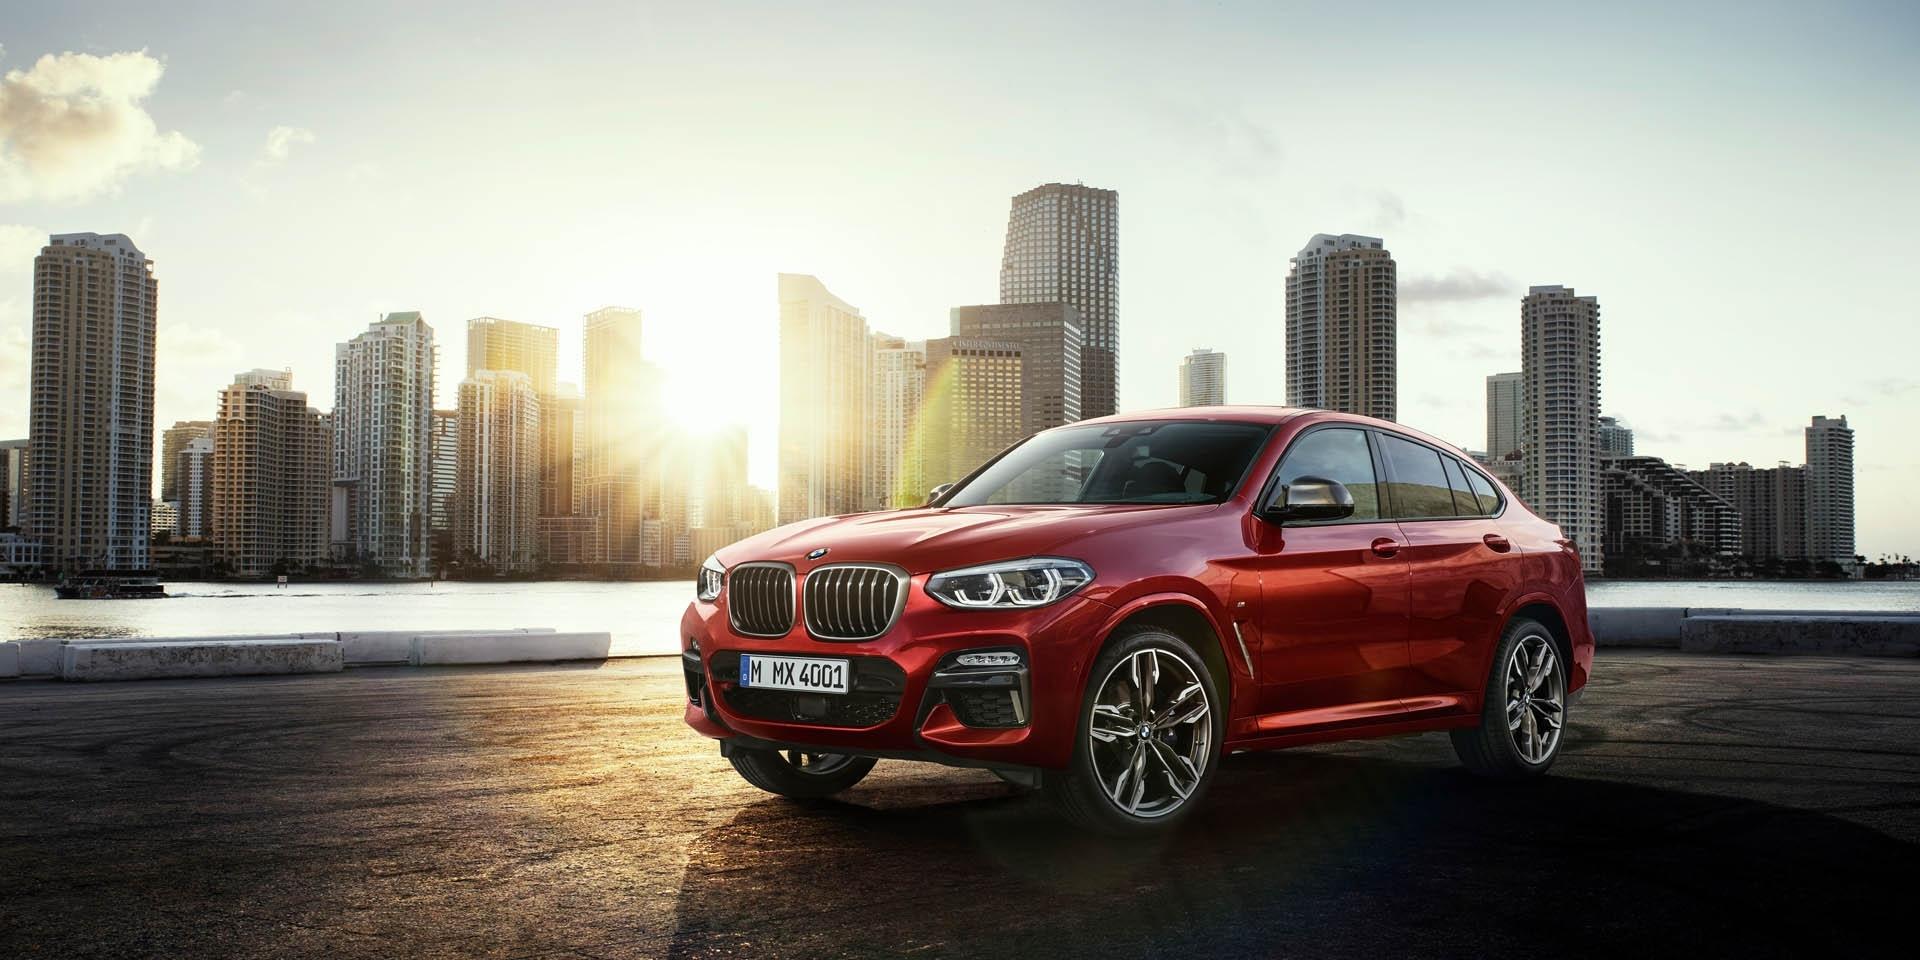 沒想到是大改款!BMW X4全新G02世代亮眼登場!